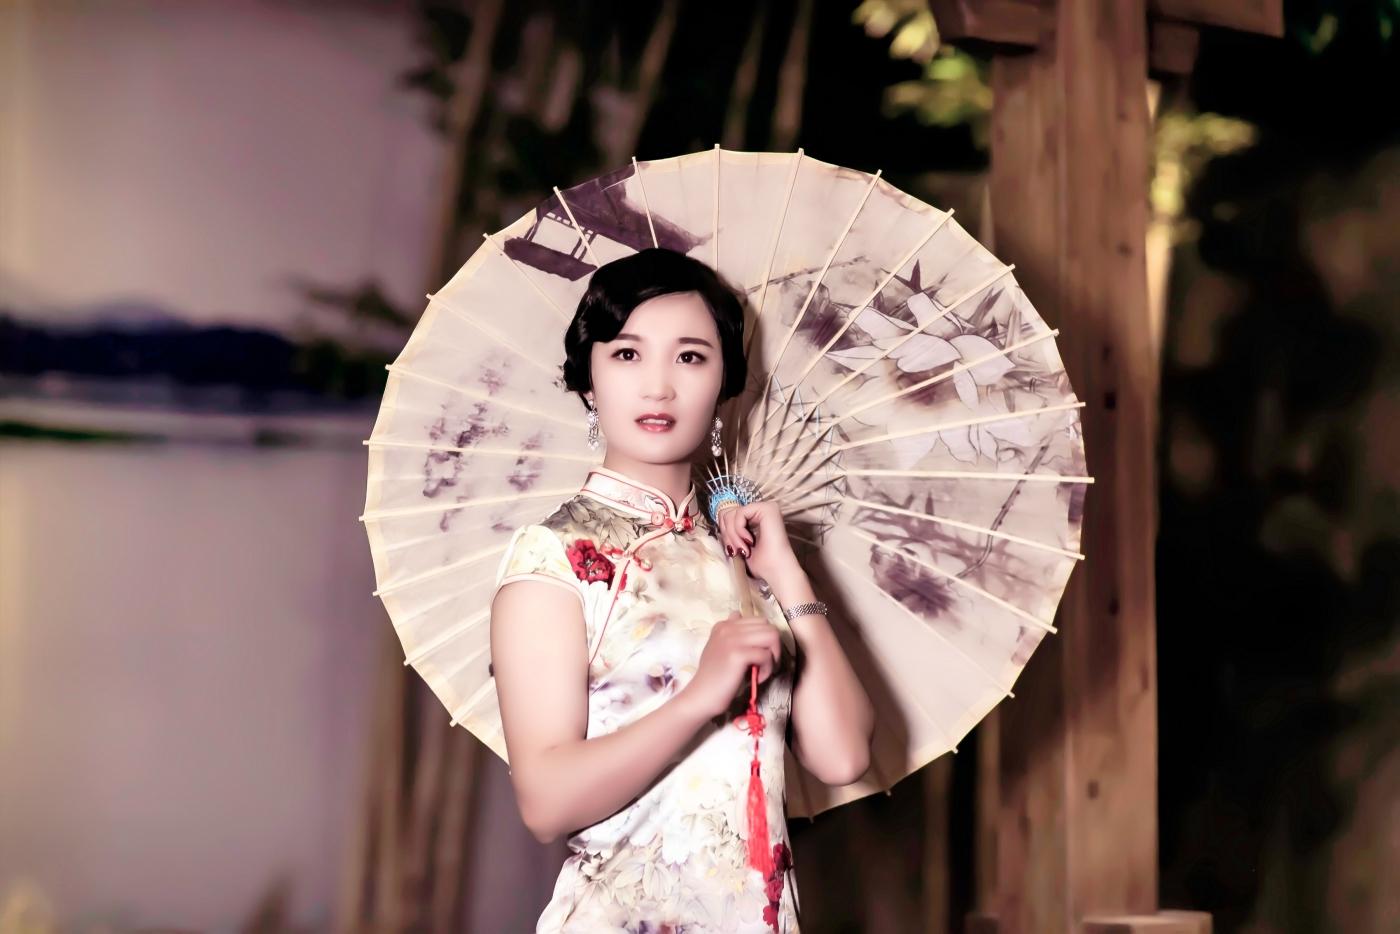 当临沂女孩孔孙懿凡遇到旗袍 一样会像王的女人一样高贵典雅 ..._图1-16